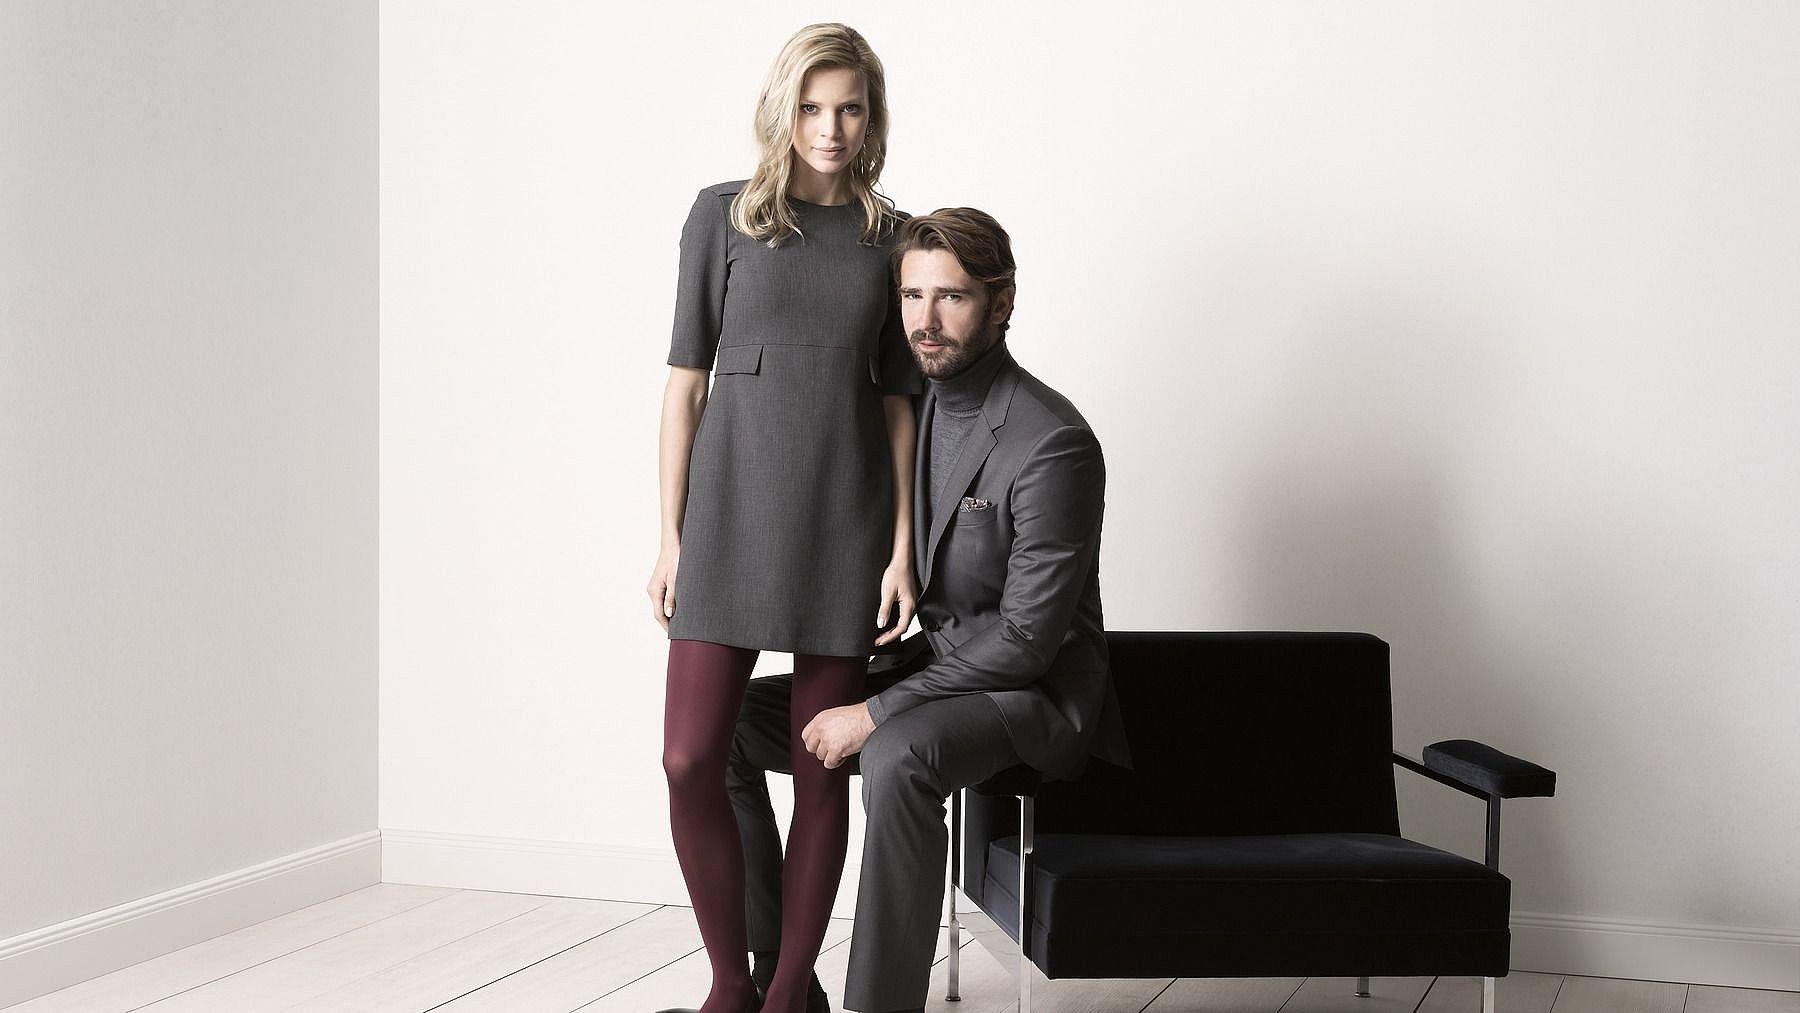 Mann und Frau tragen medi mJ-1 Strümpfe für venengesunde Beine